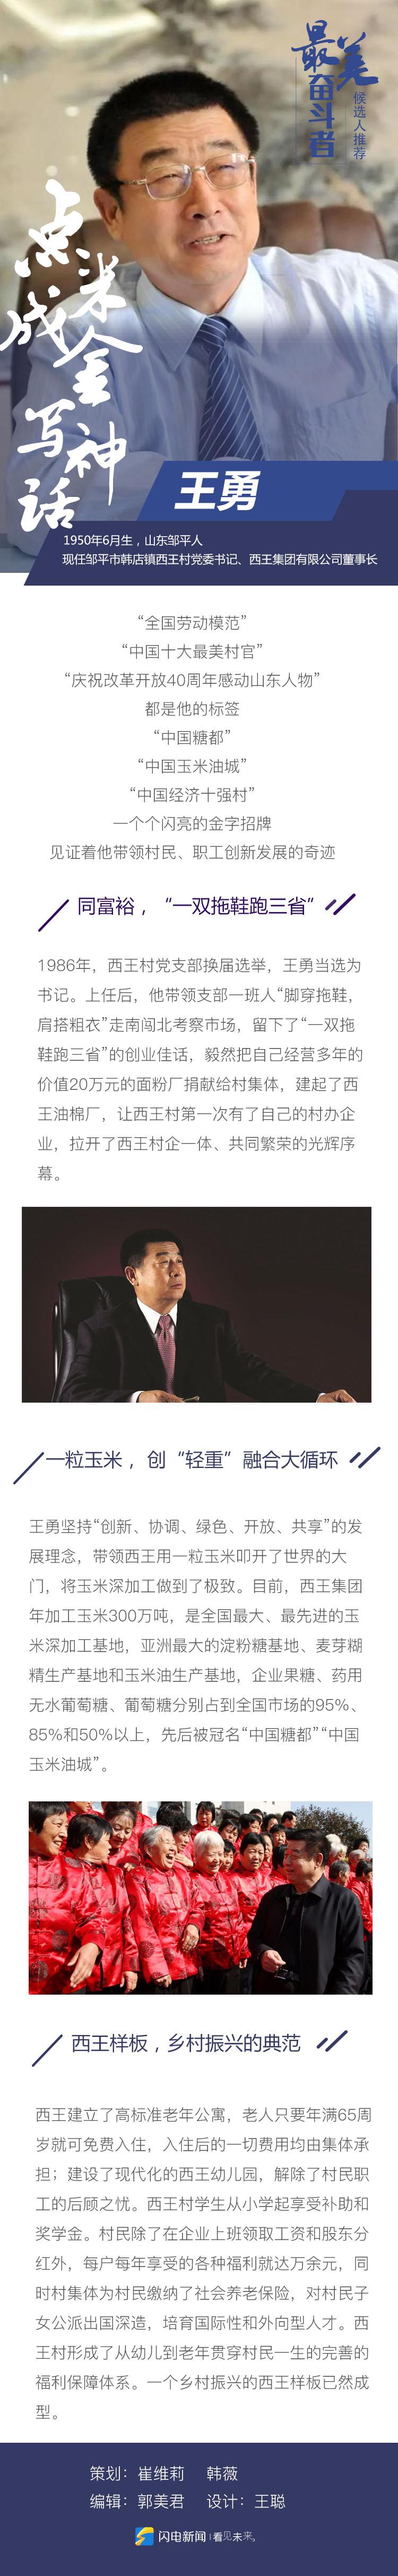 """为""""最美奋斗者""""山东候选人王勇投票"""